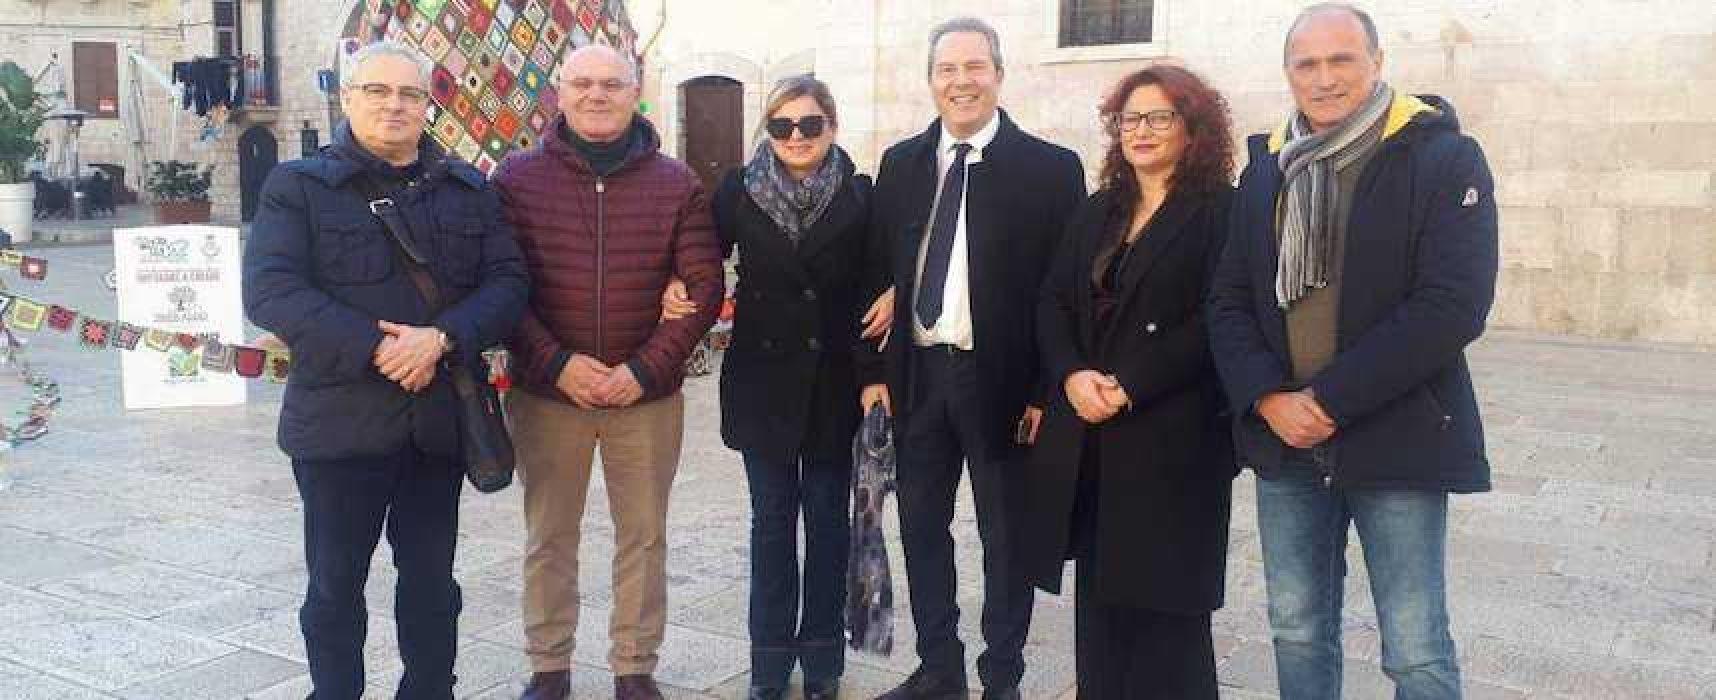 """Conferenza stampa opposizioni davanti a Prefettura: """"Porre fine a scempio amministrativo"""""""